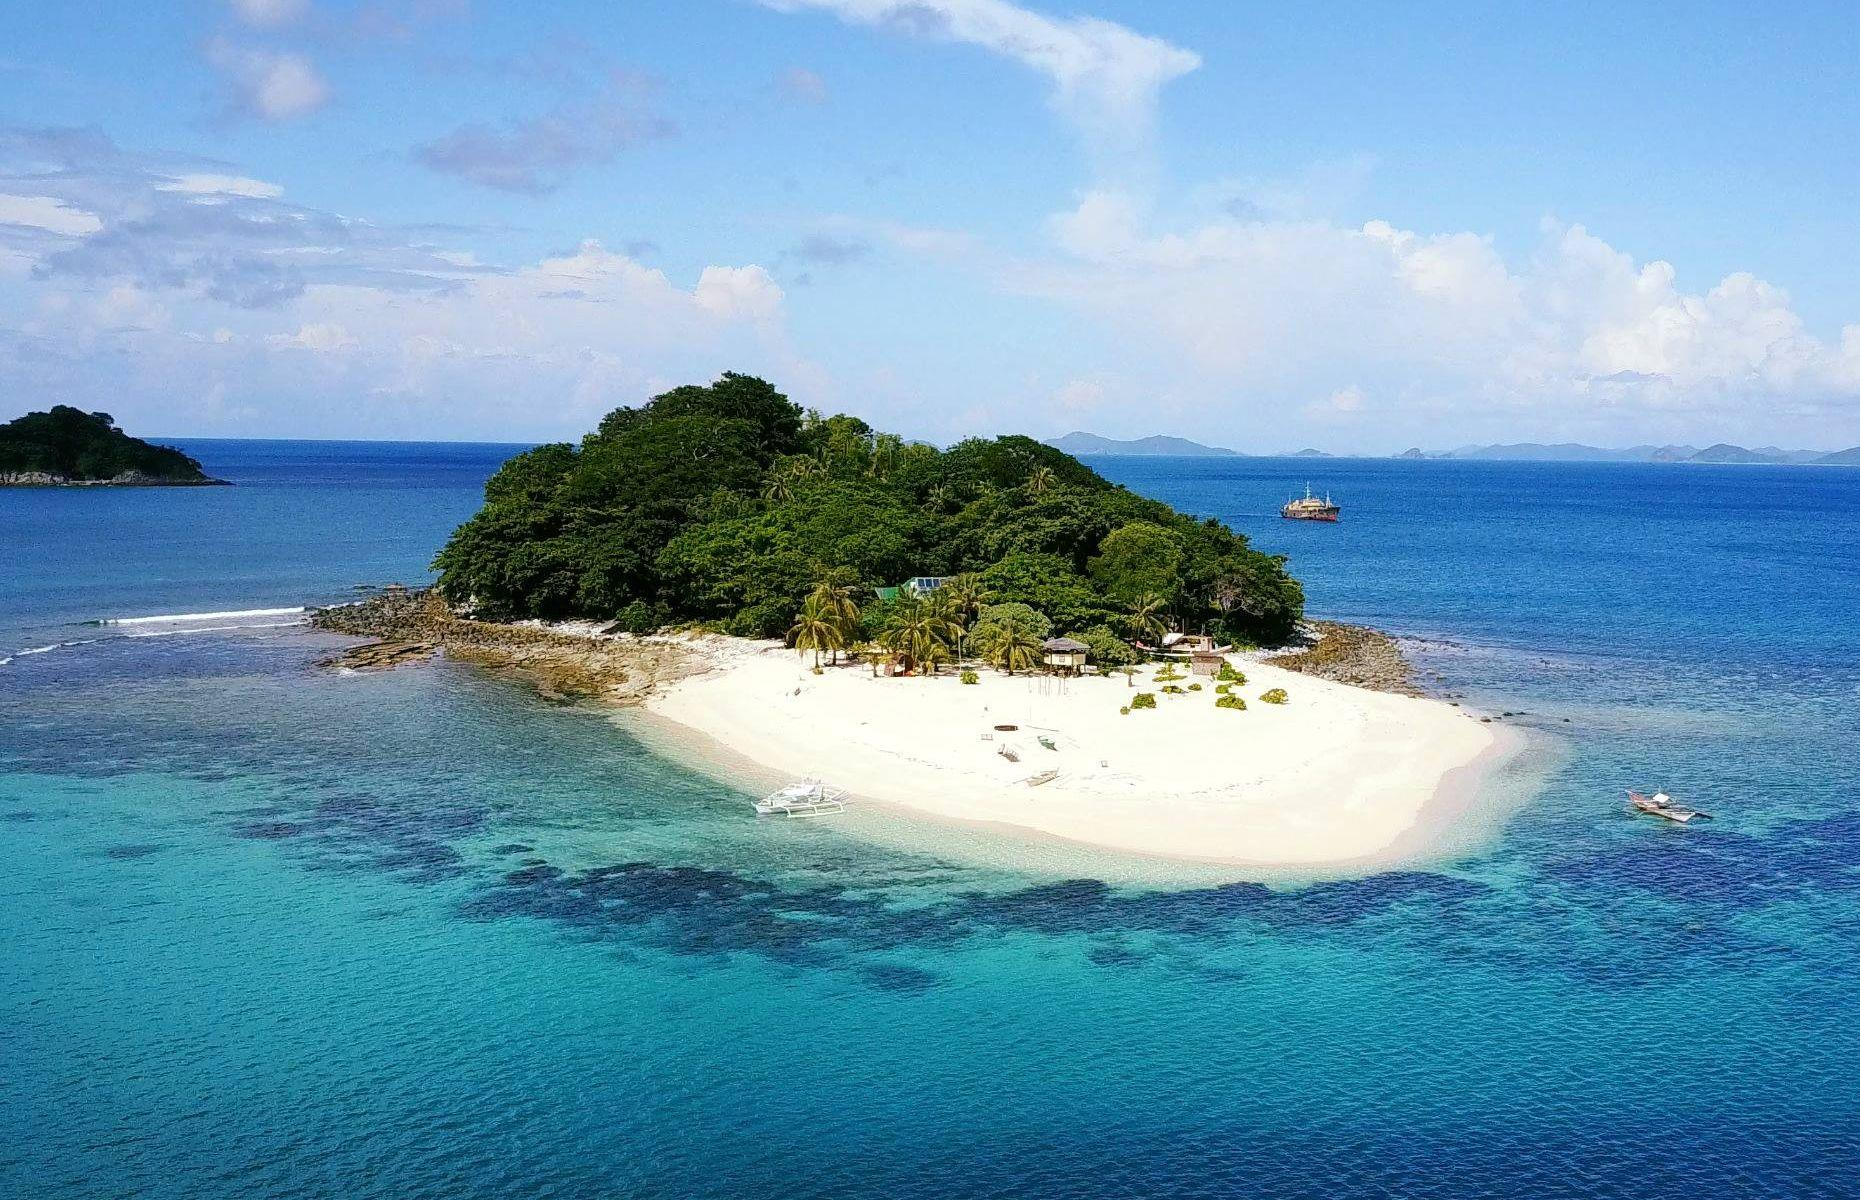 Частни острови където можем да избягаме от реалността